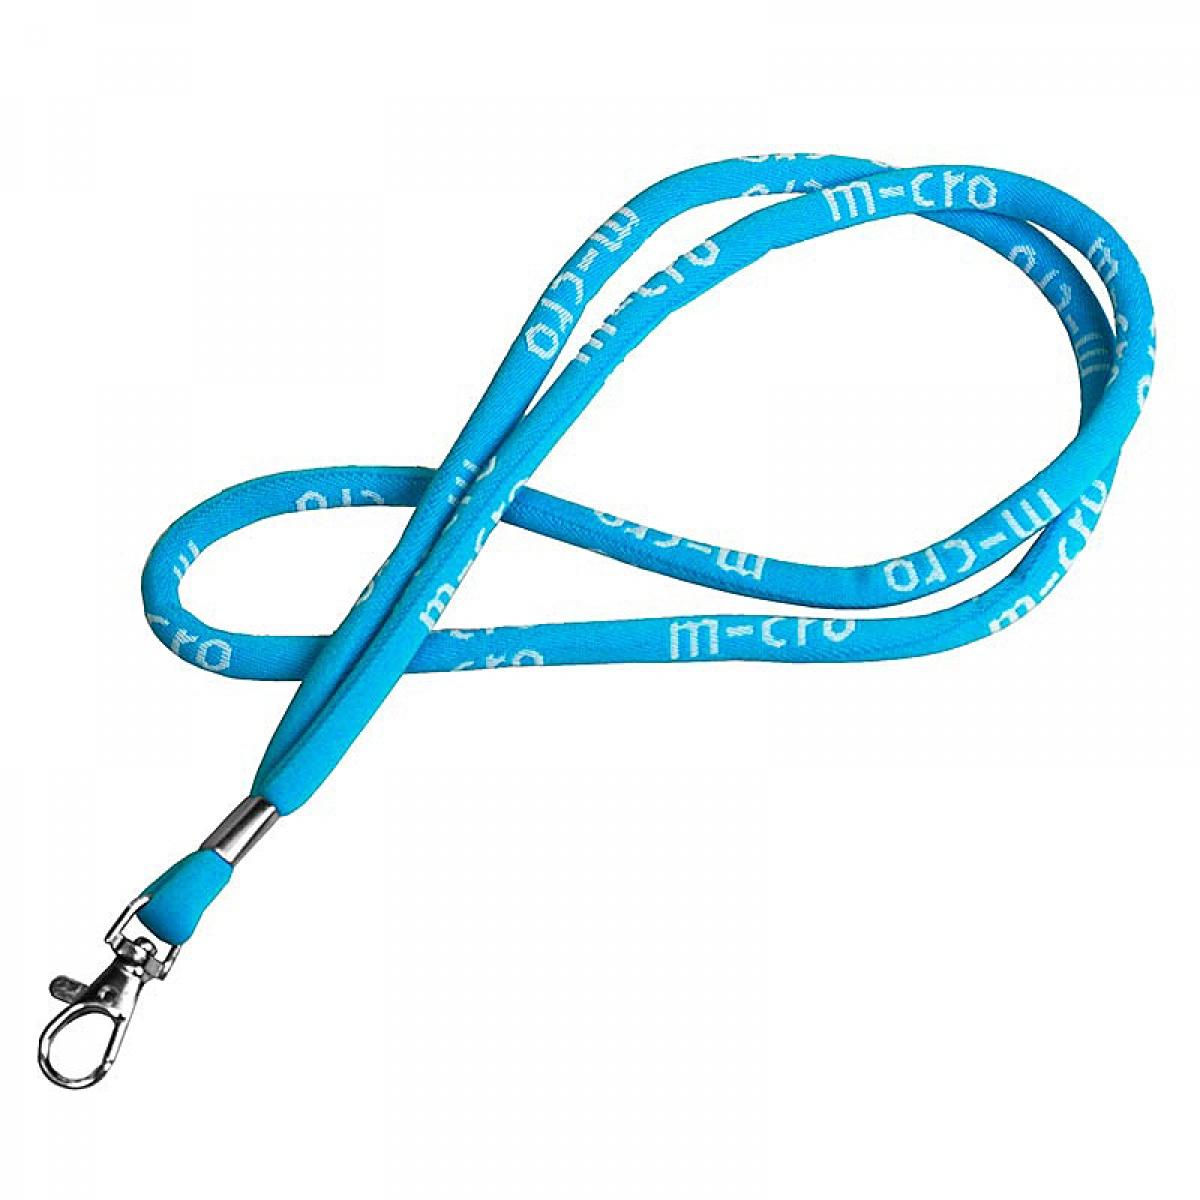 Runda nyckelband med vävd logo - Profilar.se bd57c1acbcbe2